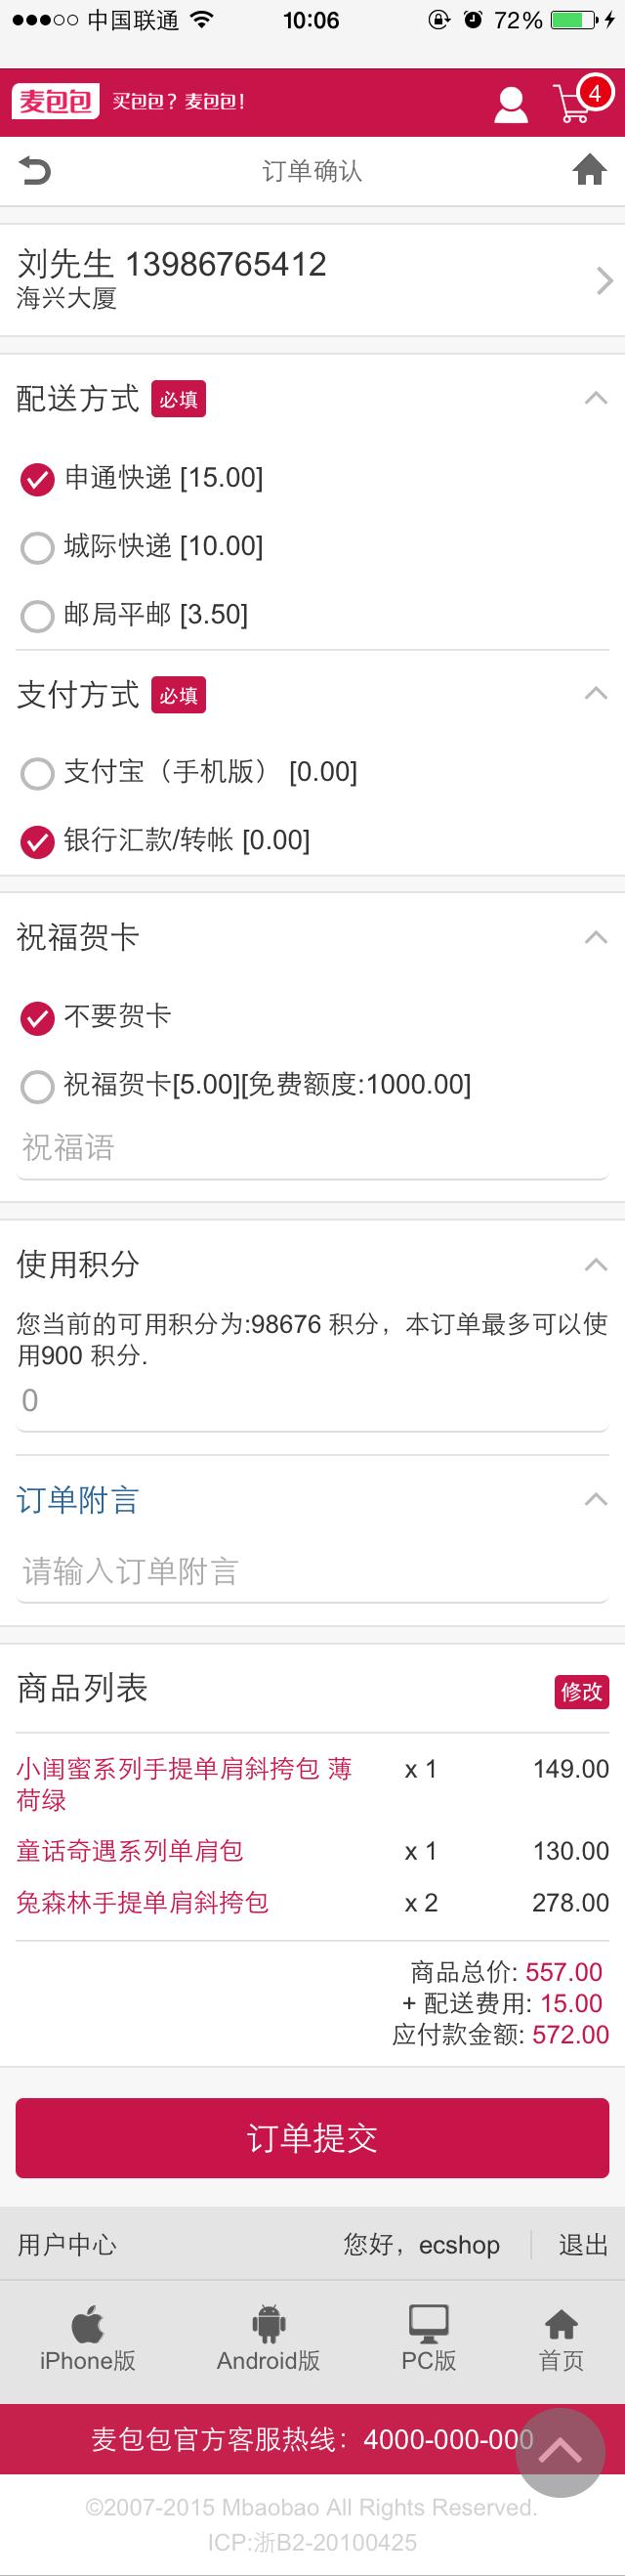 购物流程页.png